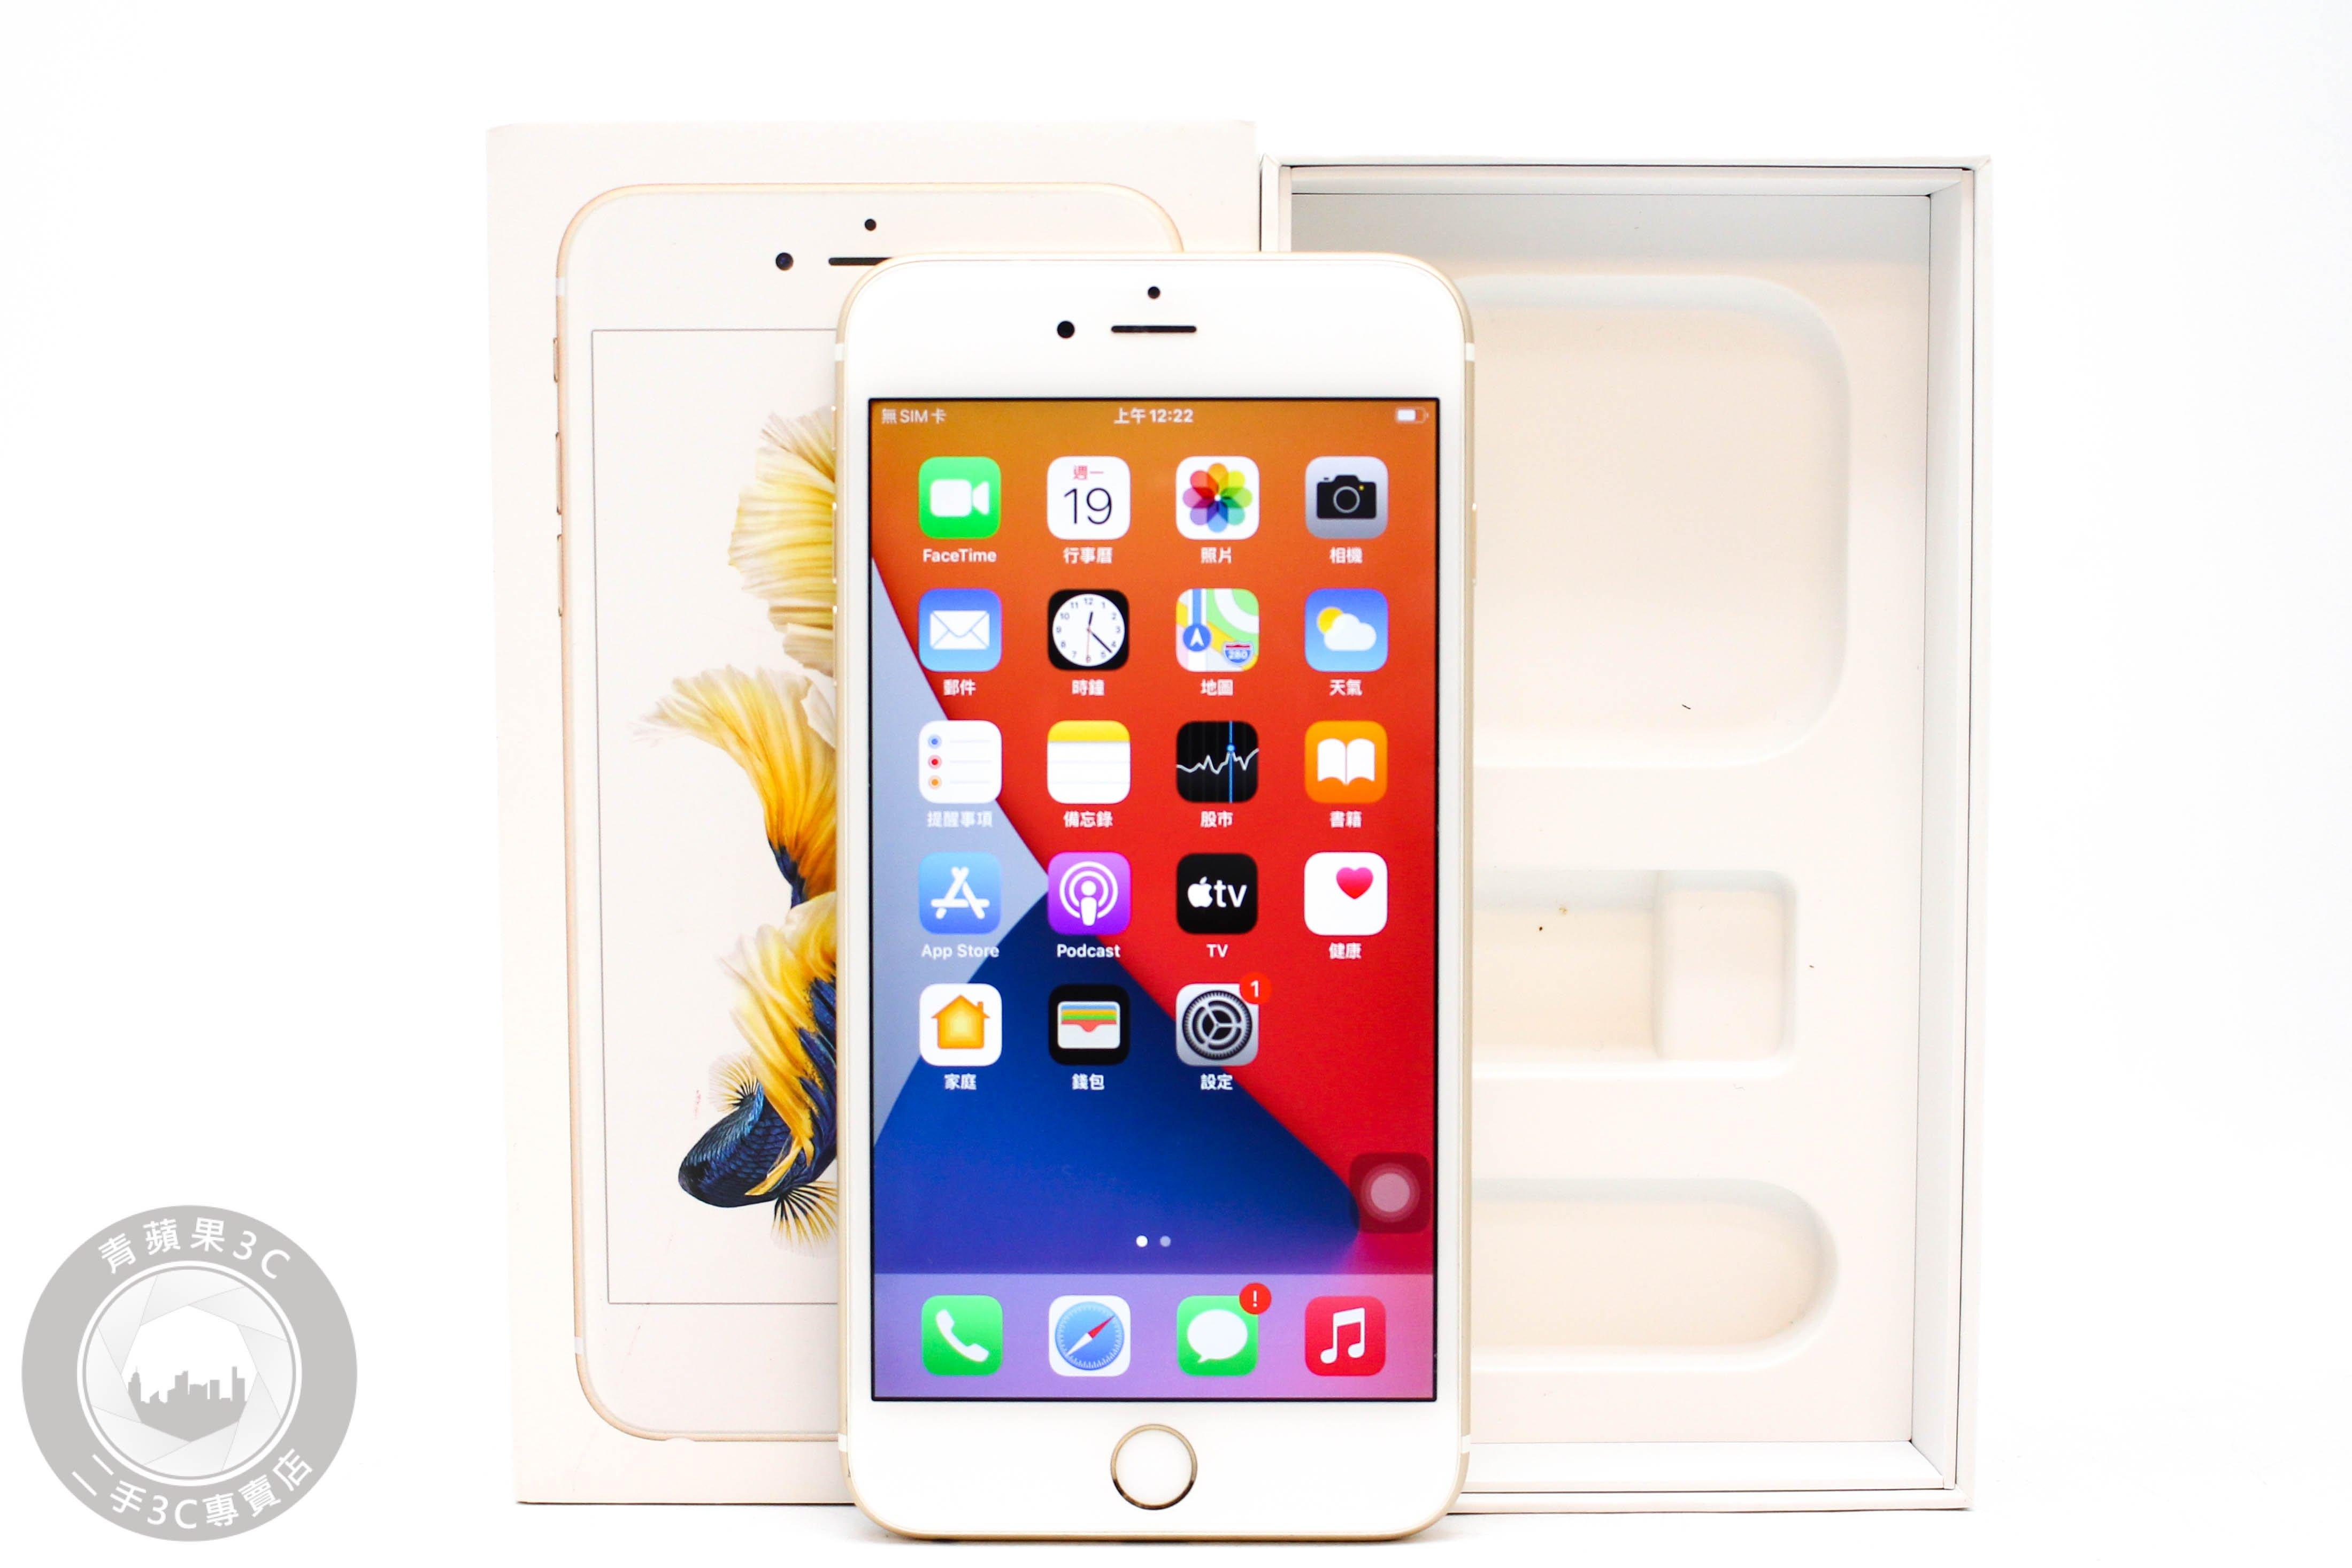 【高雄青蘋果3C】Apple iPhone 6s Plus 64GB 金 5.5吋 iOS 14.0.1  #56366